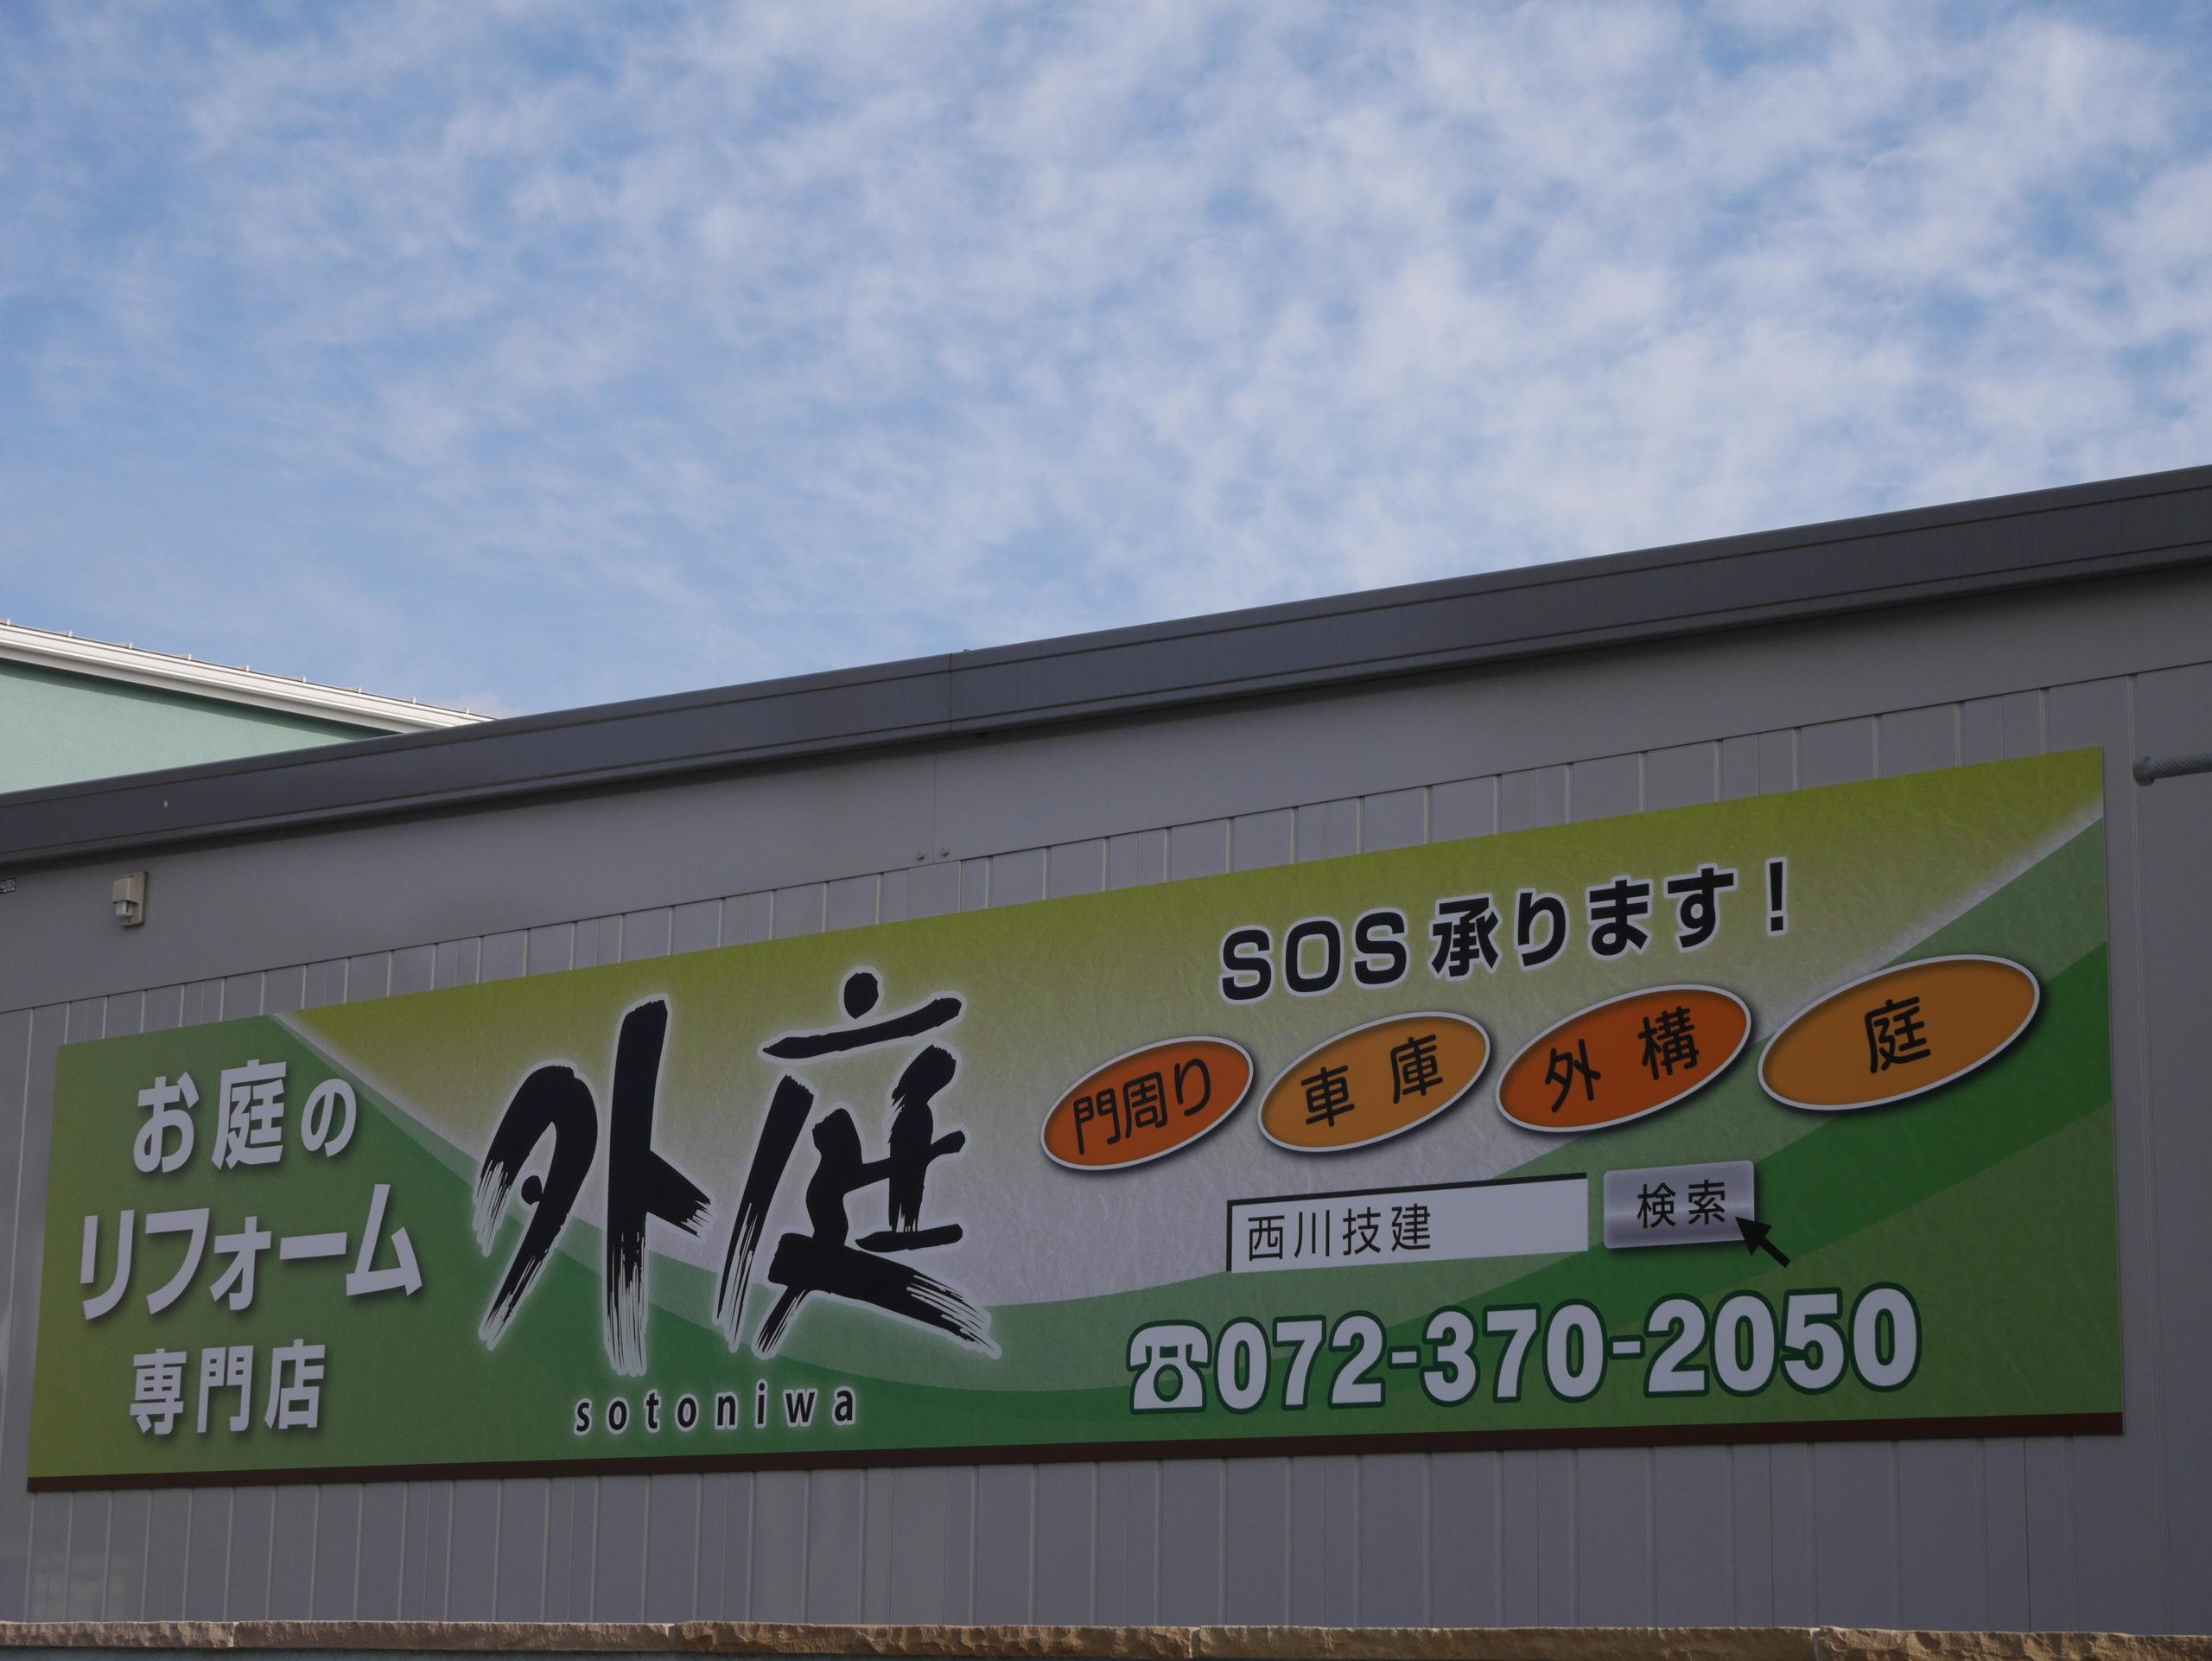 2017年 外構・お庭のリフォーム専門店 外庭sotoniwa 始めました